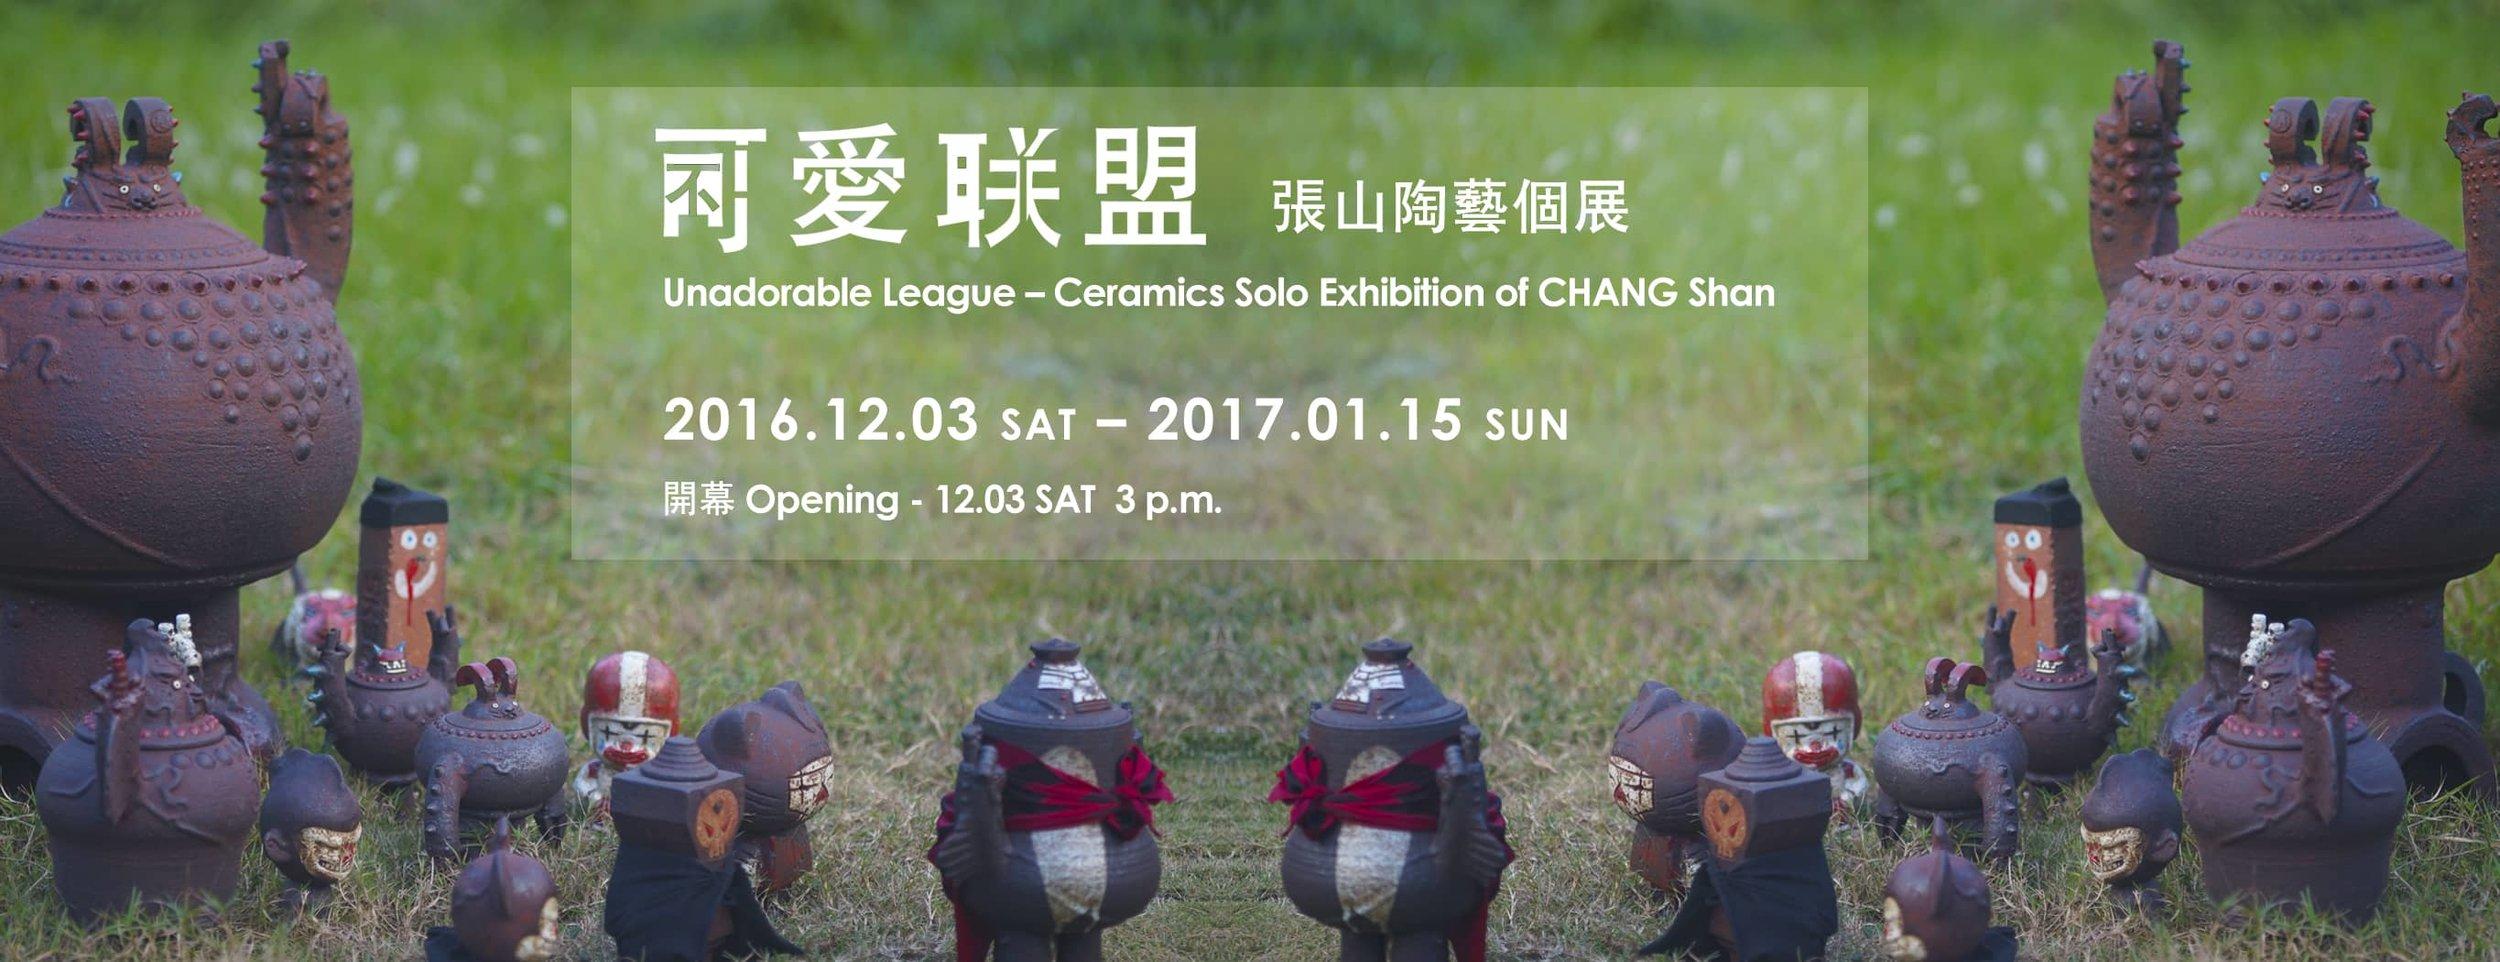 不可愛聯盟——張山陶藝個展_Unadorable_League—Ceramics_Solo_Exhibition_of_CHANG_Shan.jpg